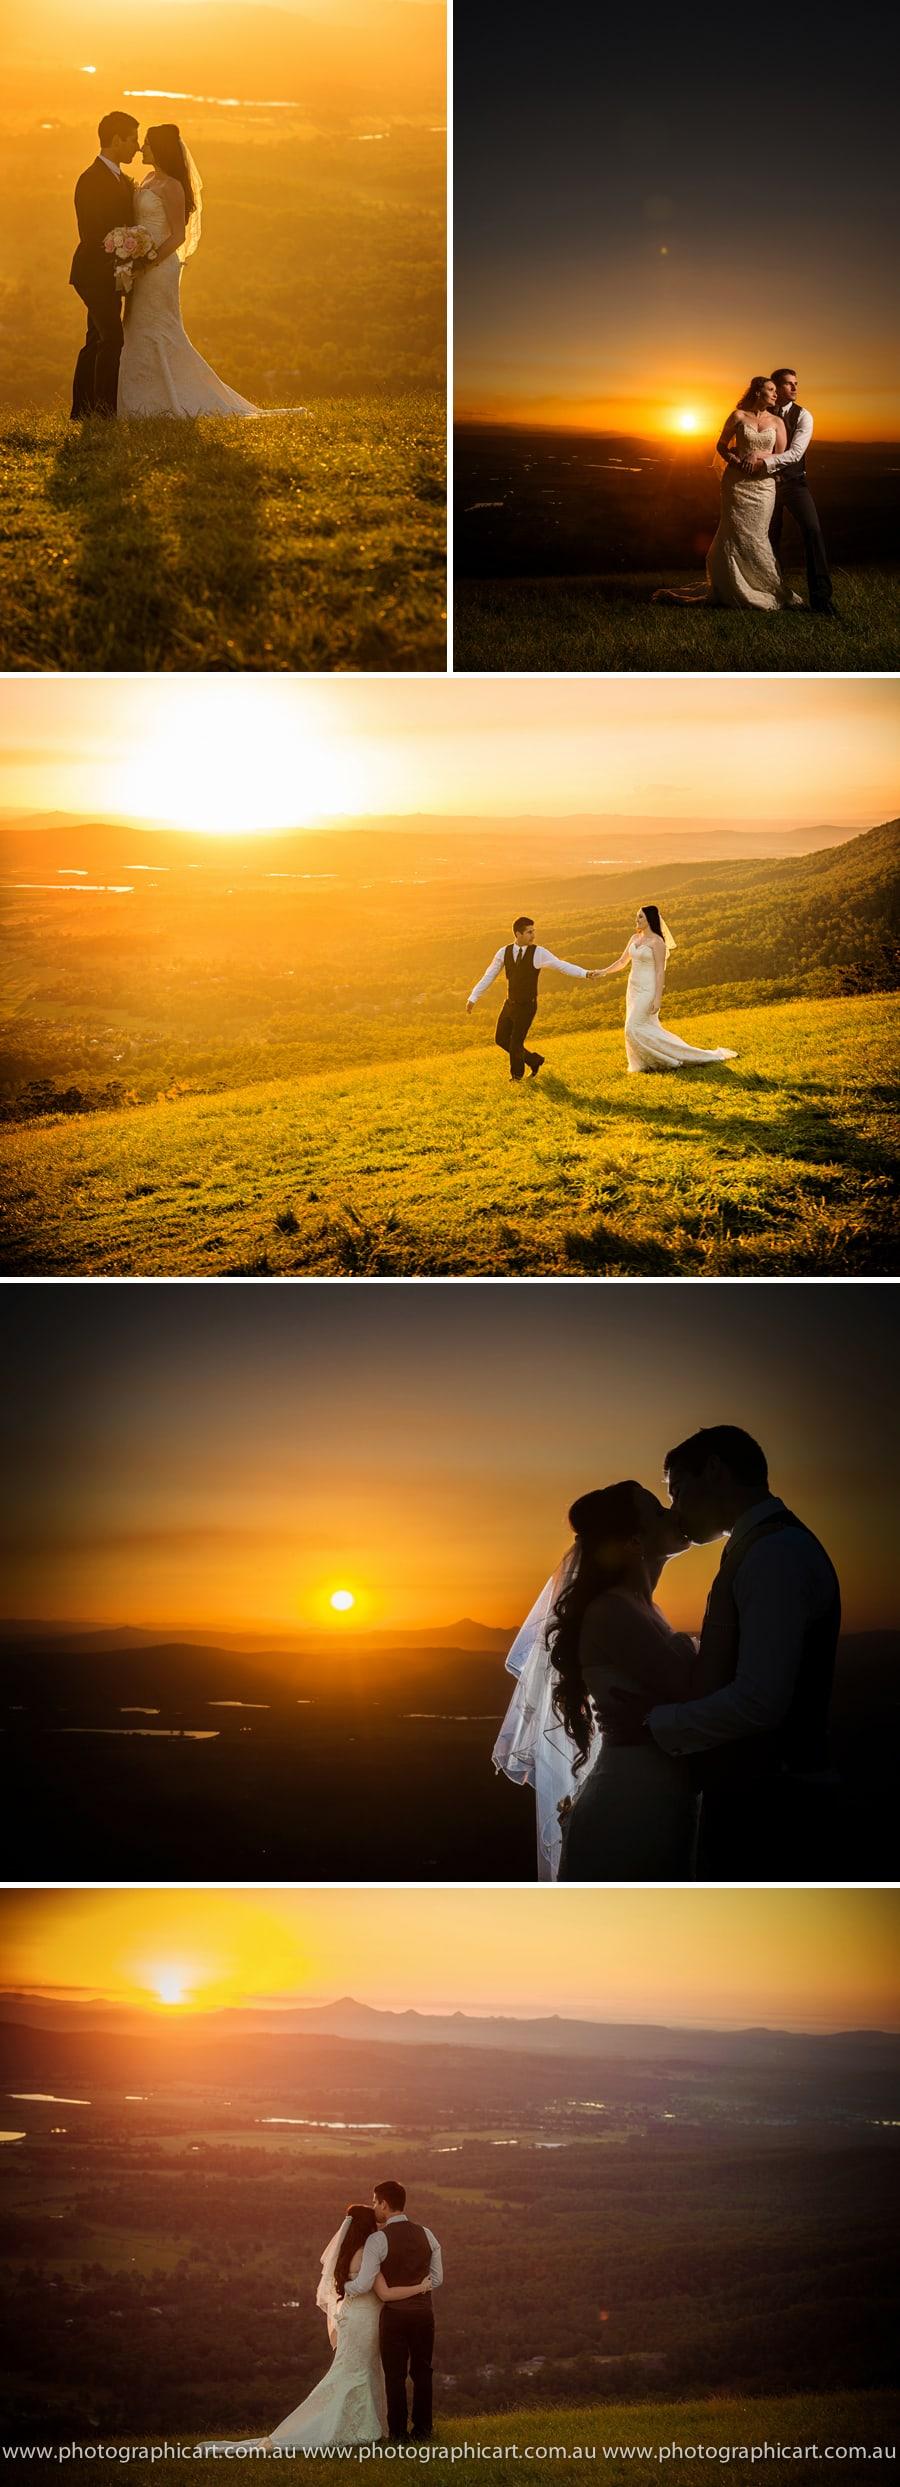 www.photographicart.com.au/newsite-0116